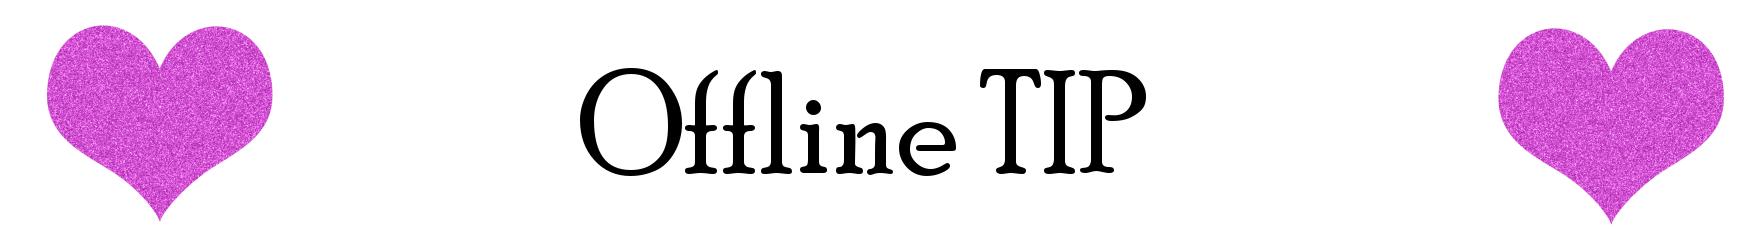 offlinetip